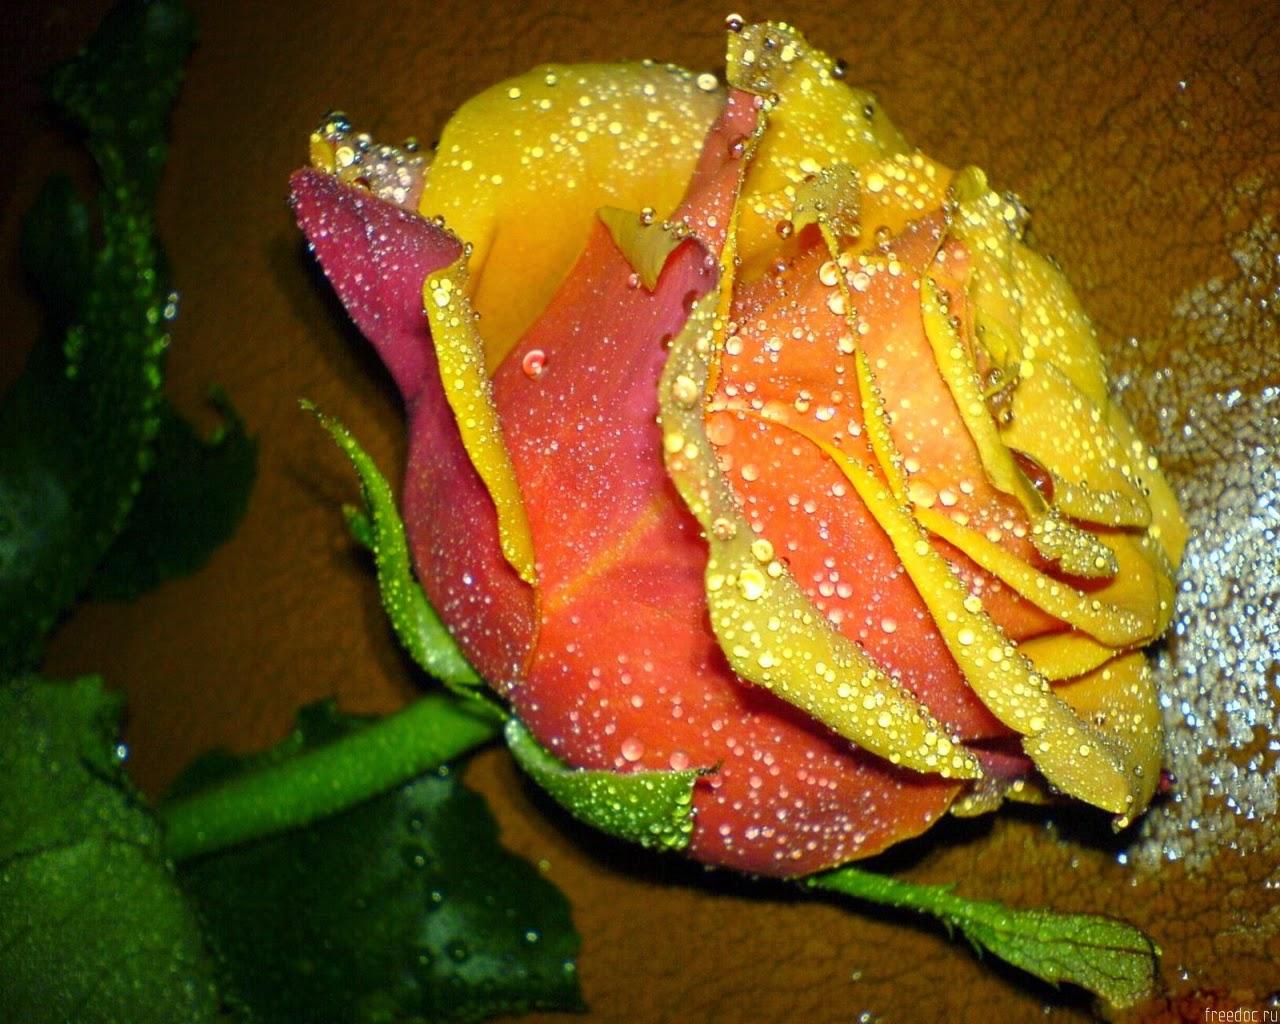 Những giọt sương ban mai trên các loài hoaNhững giọt sương ban mai trên các loài hoa